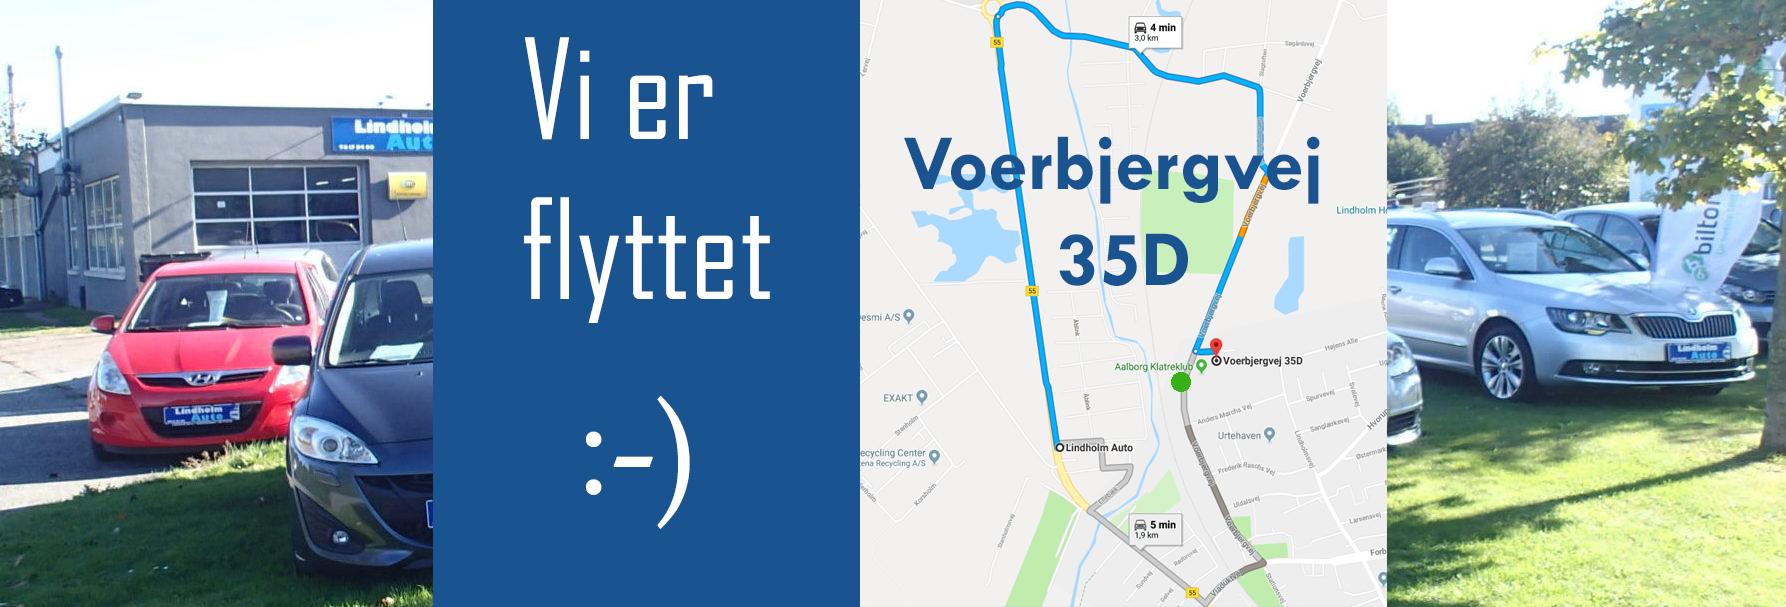 Lindholm auto, LHauto, Flyttet til Voerbjergvej 35d